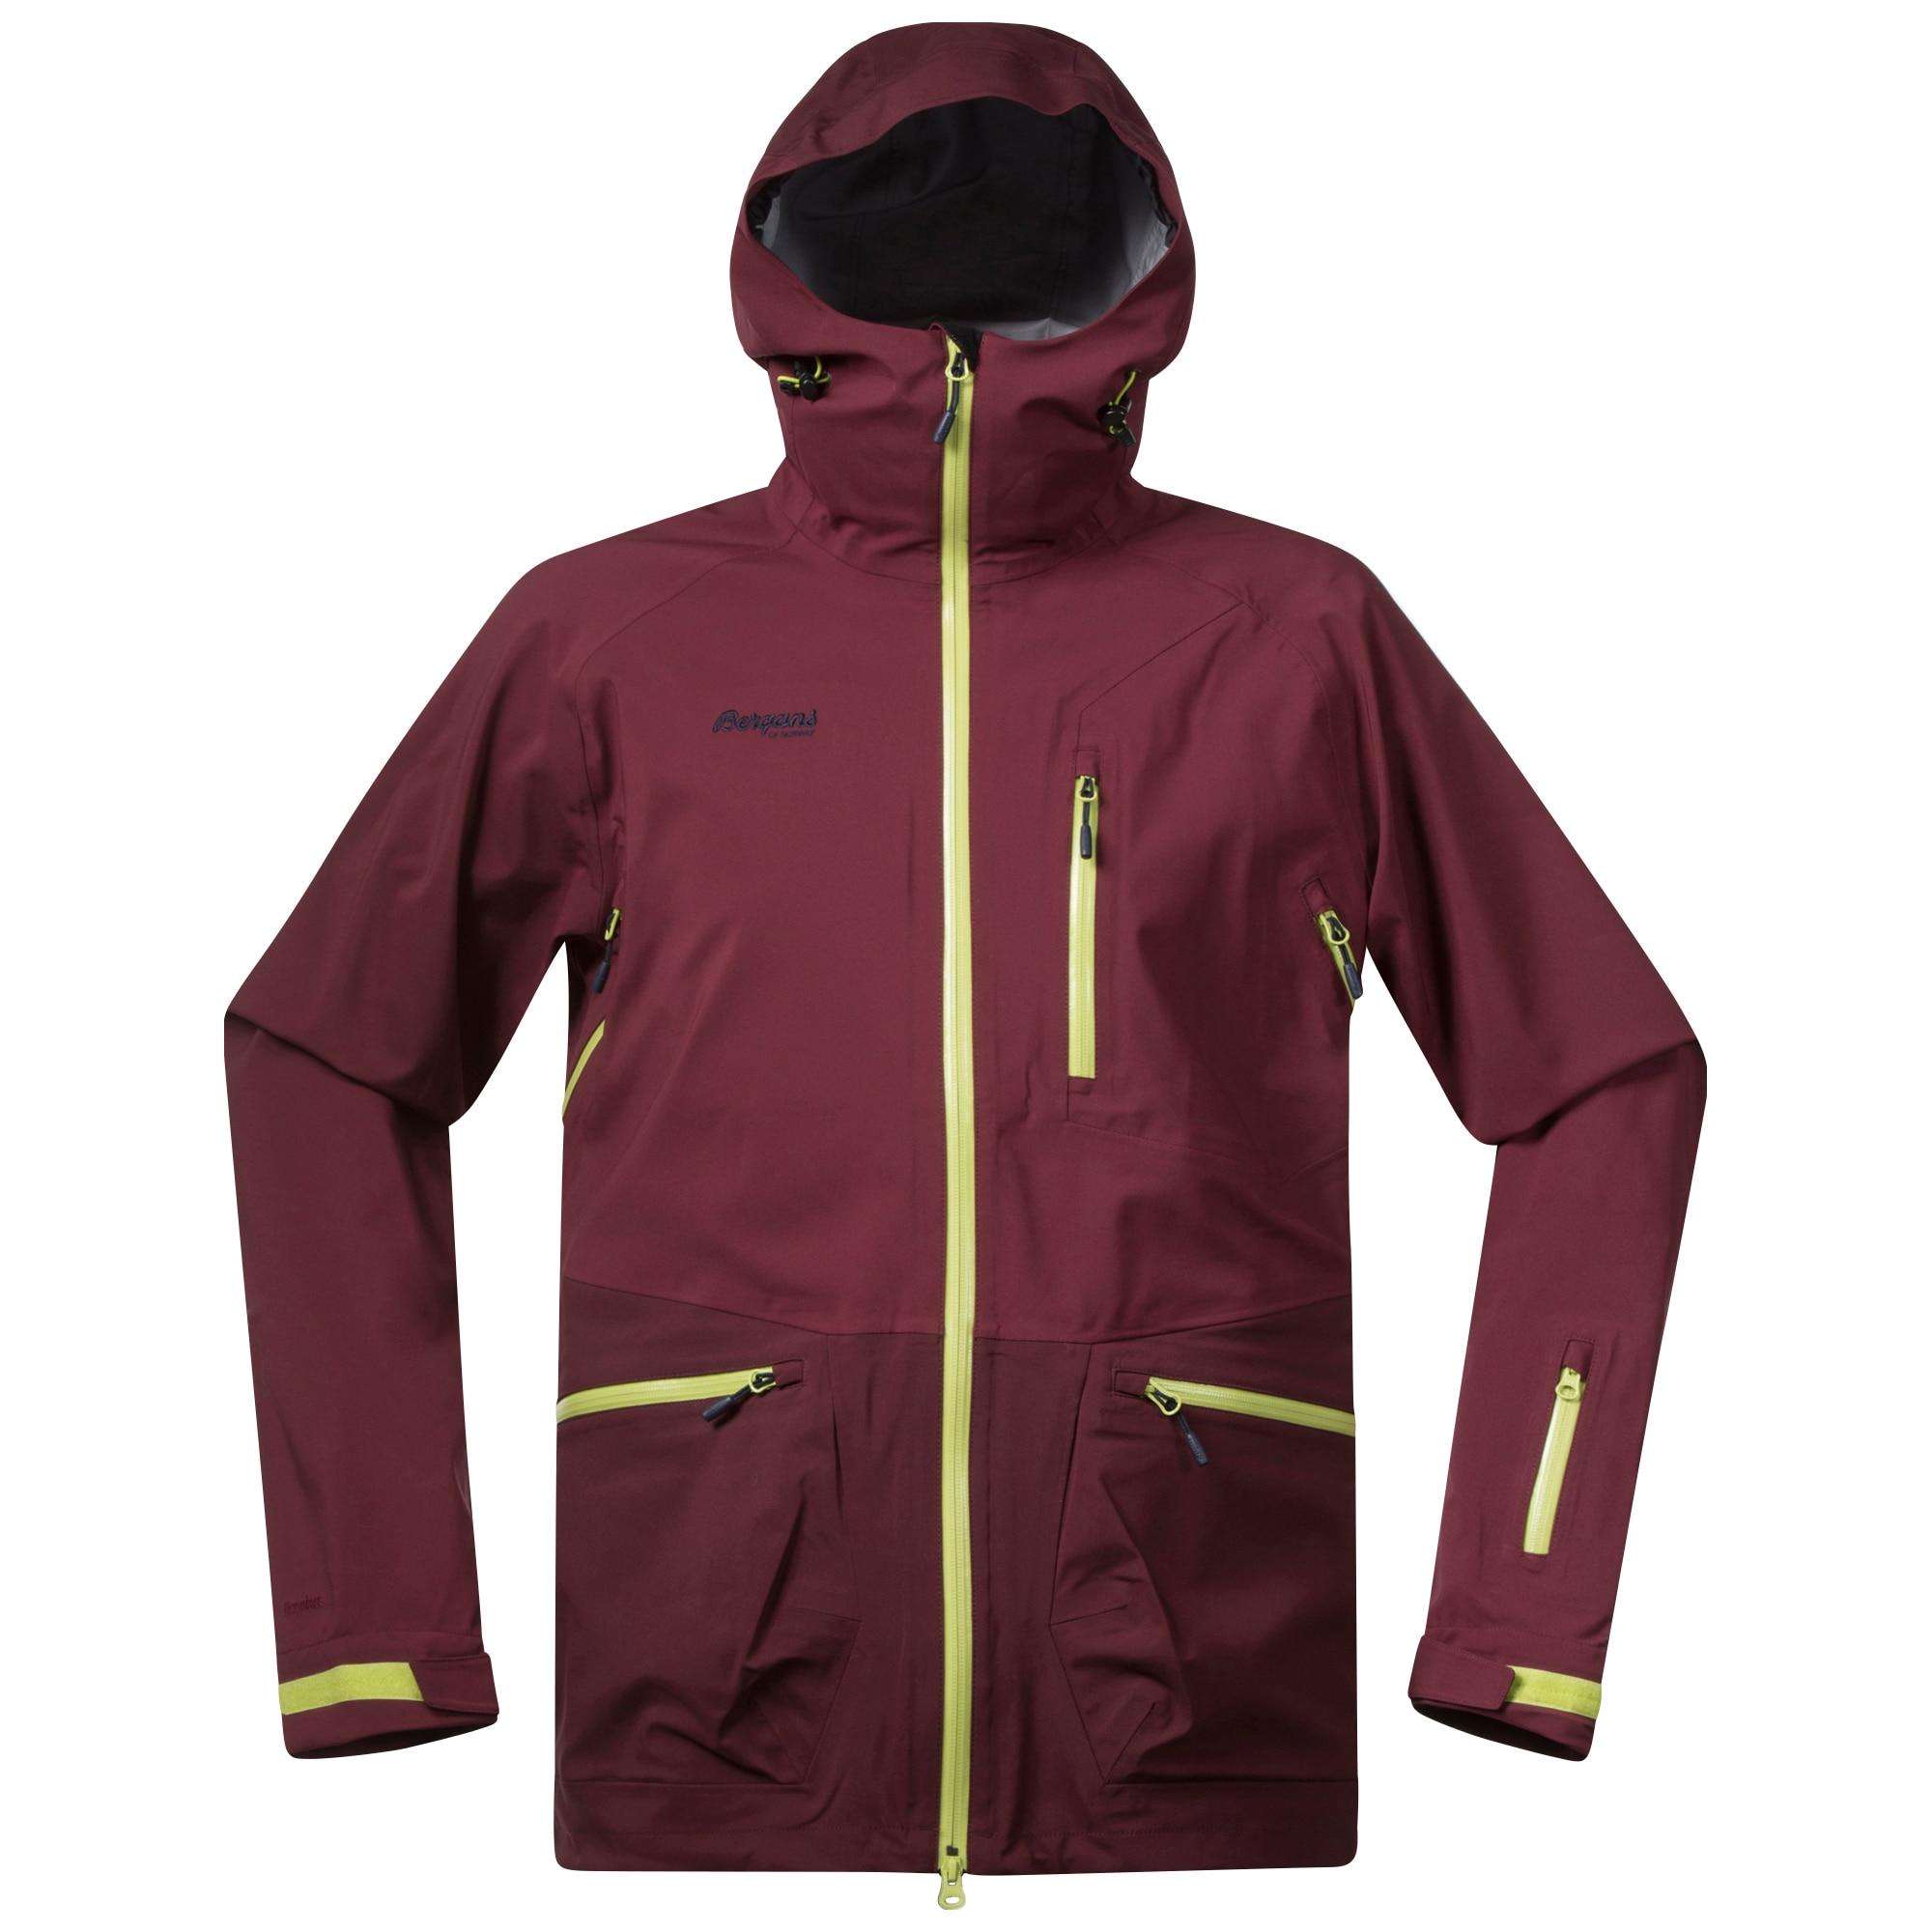 Myrkdalen Insulated Jacket